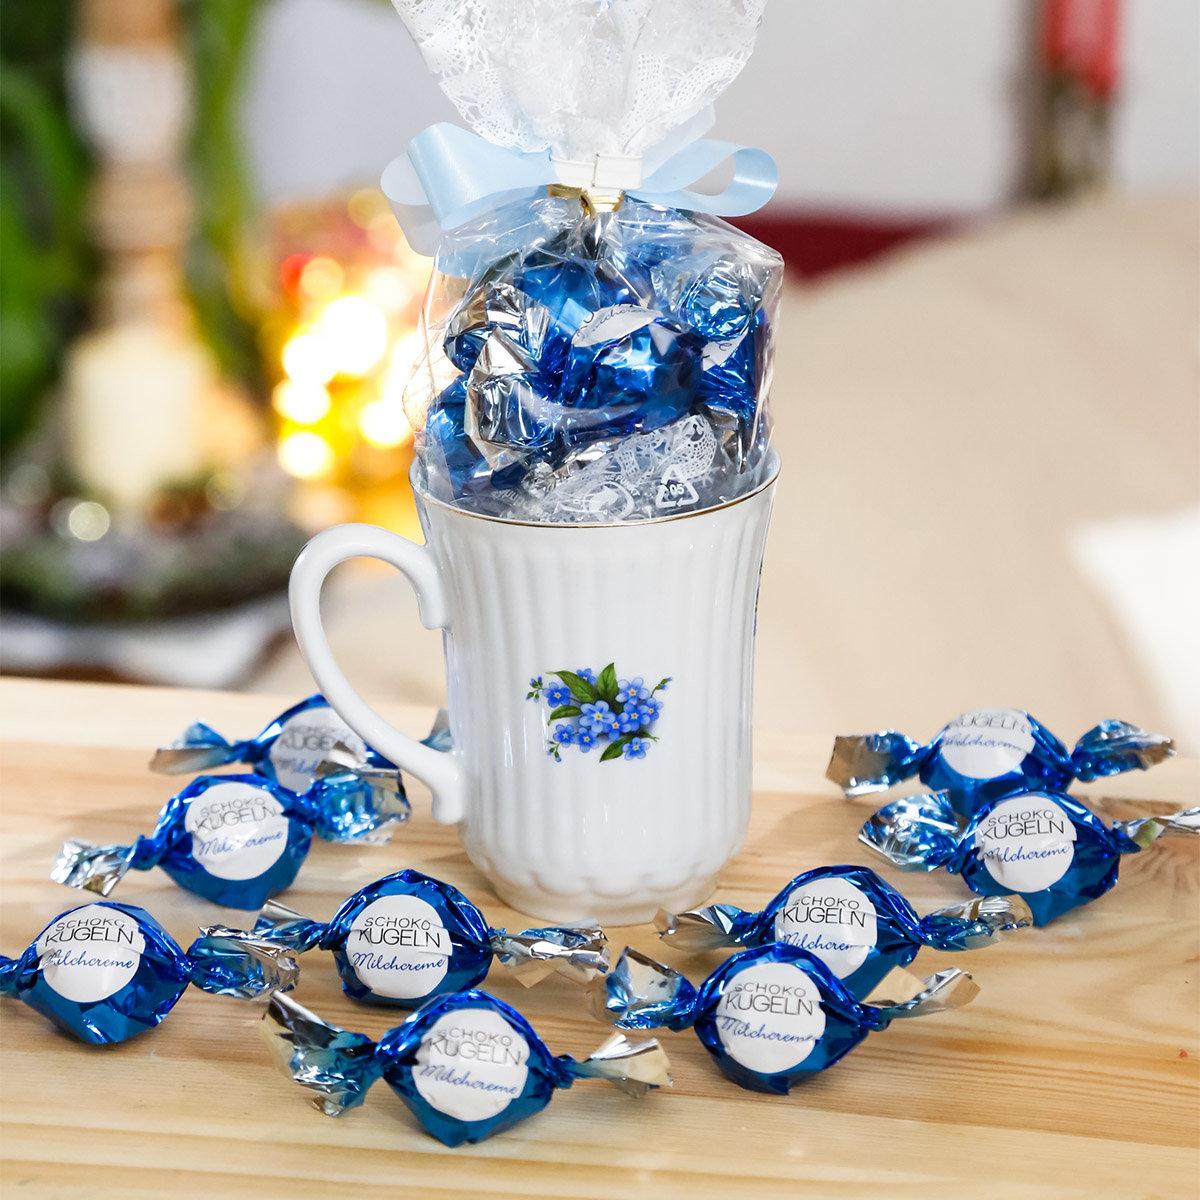 Geschenk-Tasse Vergissmeinnicht mit 75g Vollmilch-Schokokugeln mit Milchcreme-Füllung & Crisp | #2